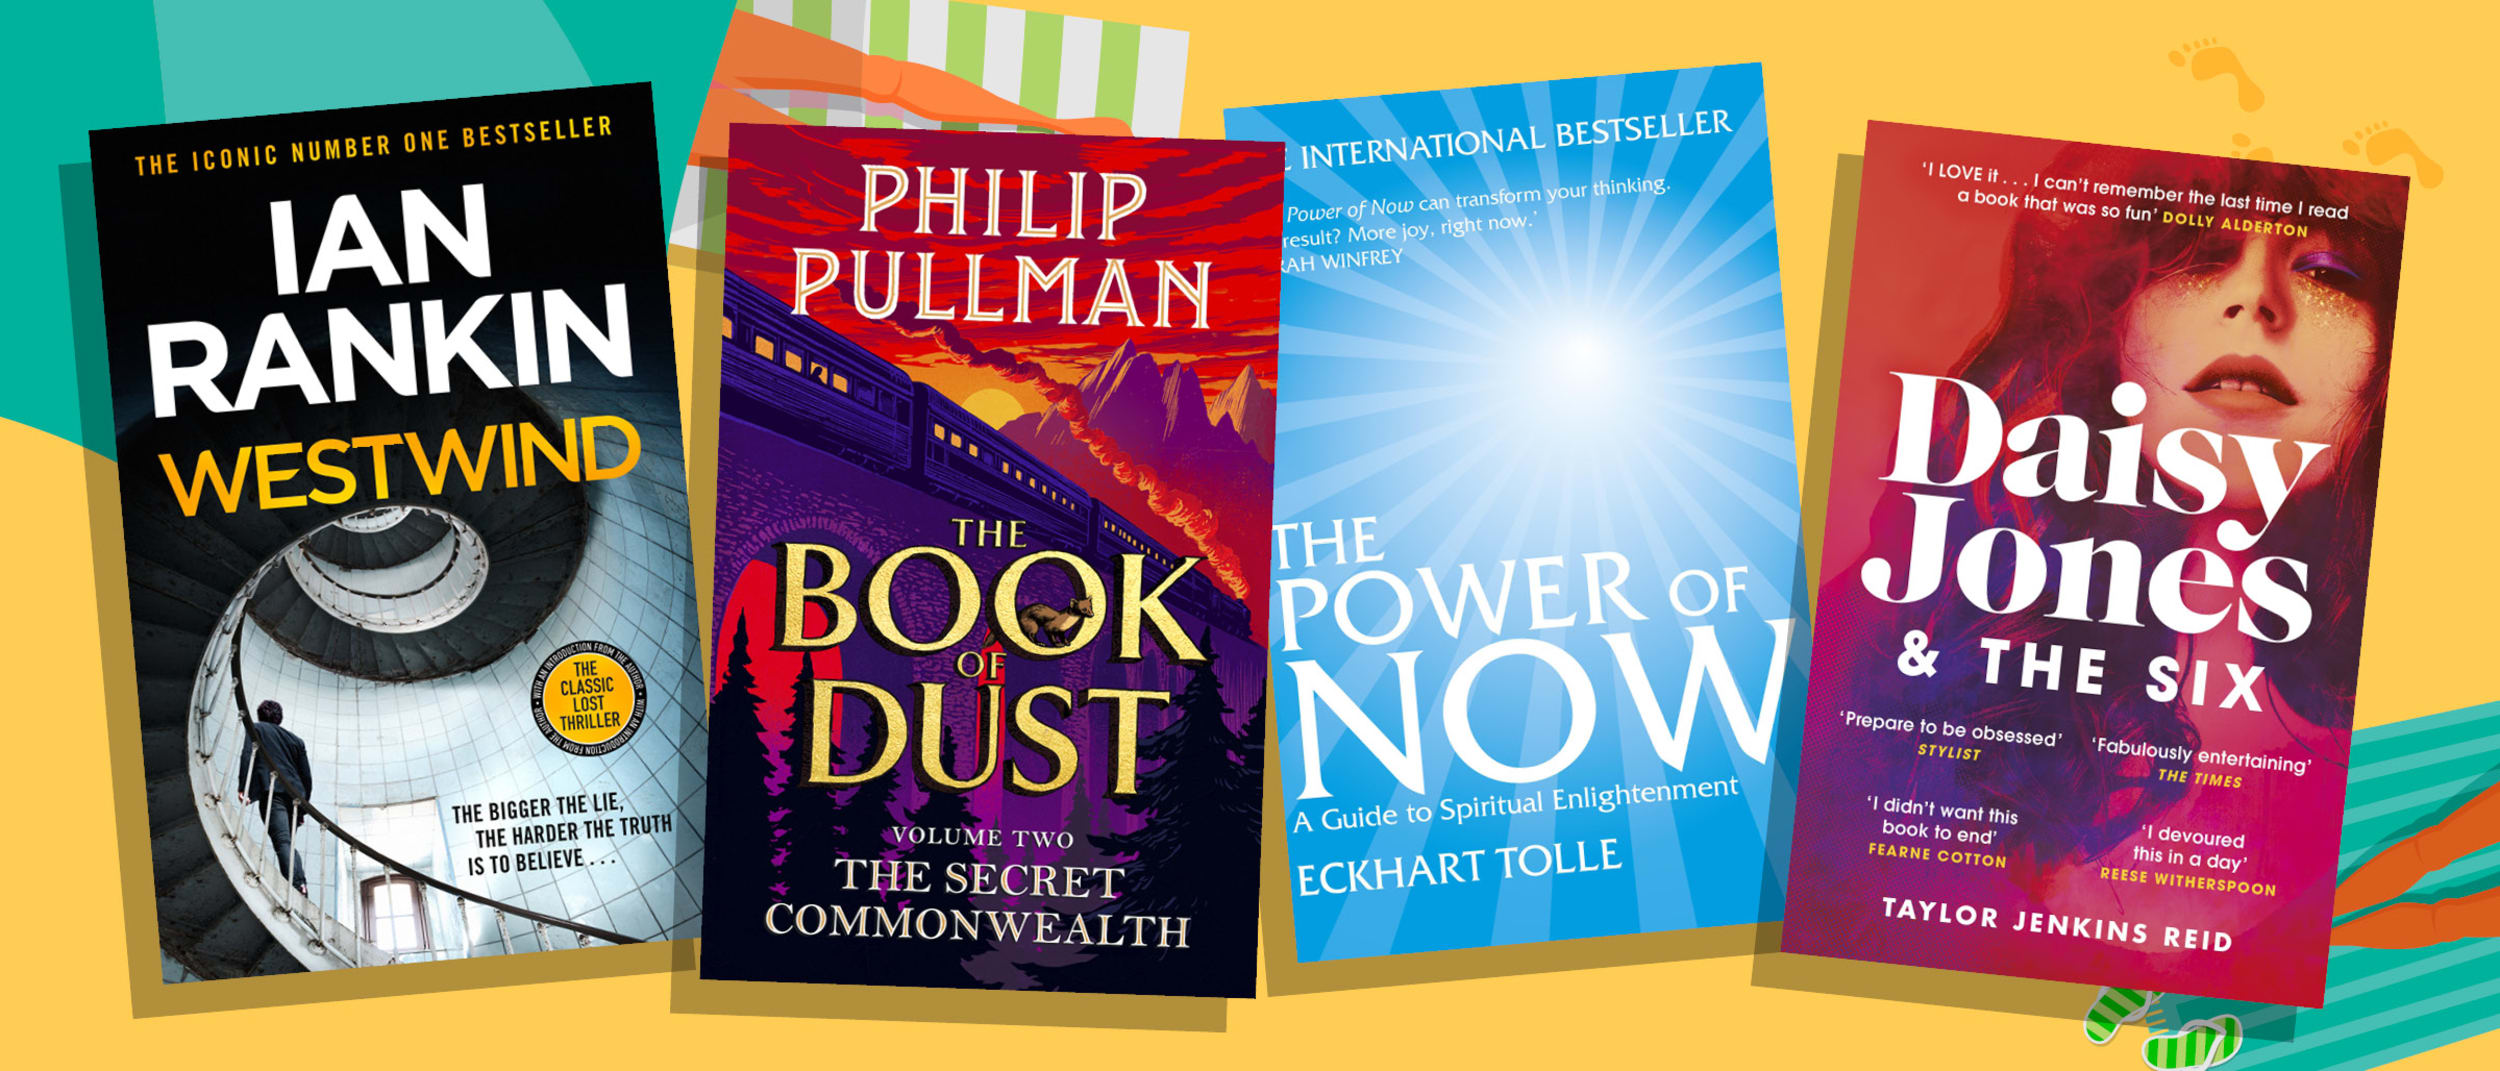 Dymocks: Summer Reading - Buy 1 Get 1 50% off